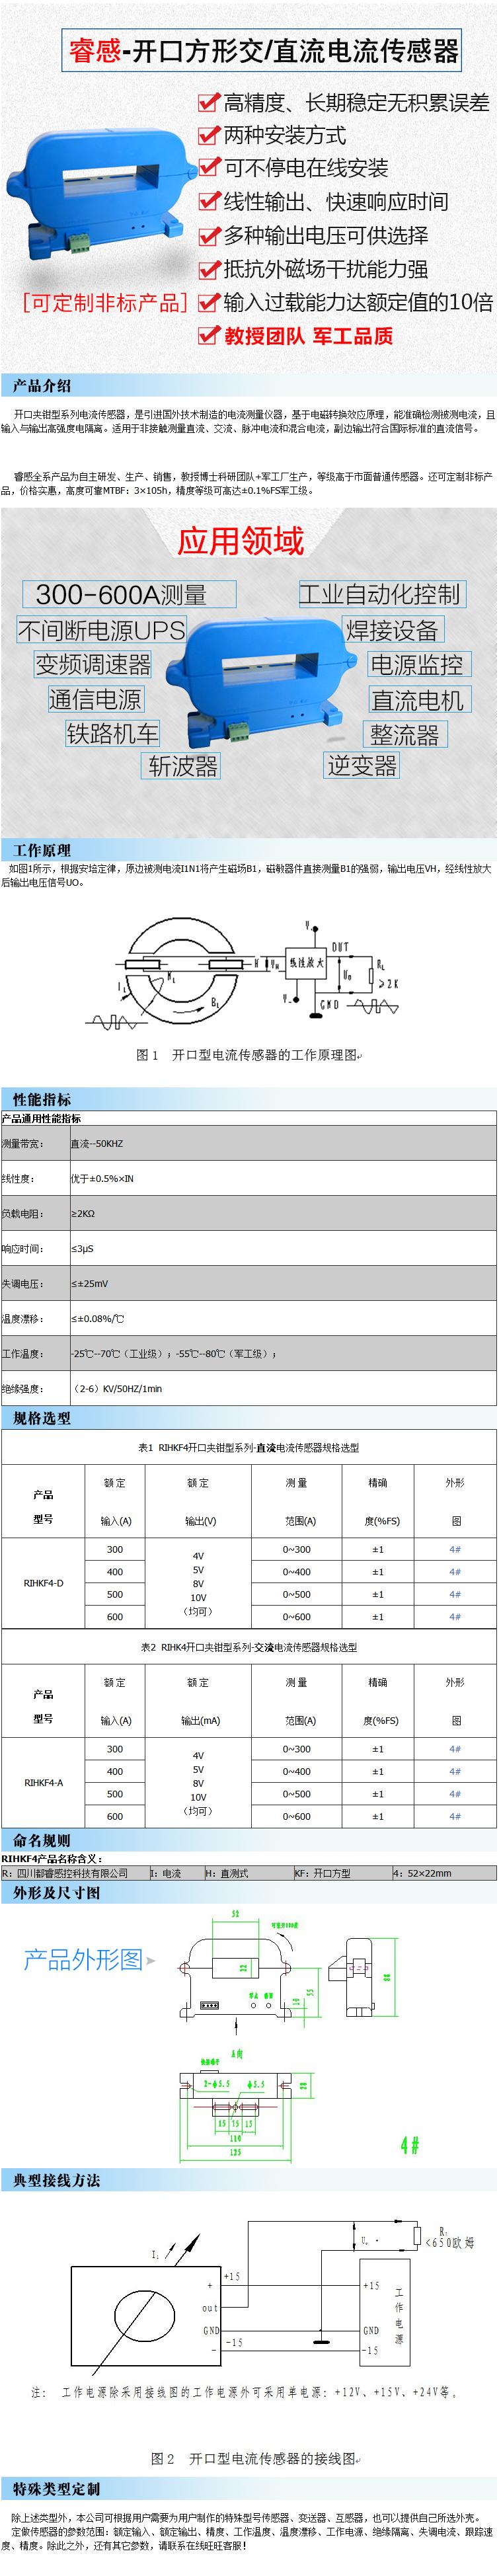 600A霍尔电流传感器 交直流开口式电流传感器 高精度 输出5V-10V-淘宝网副本.png